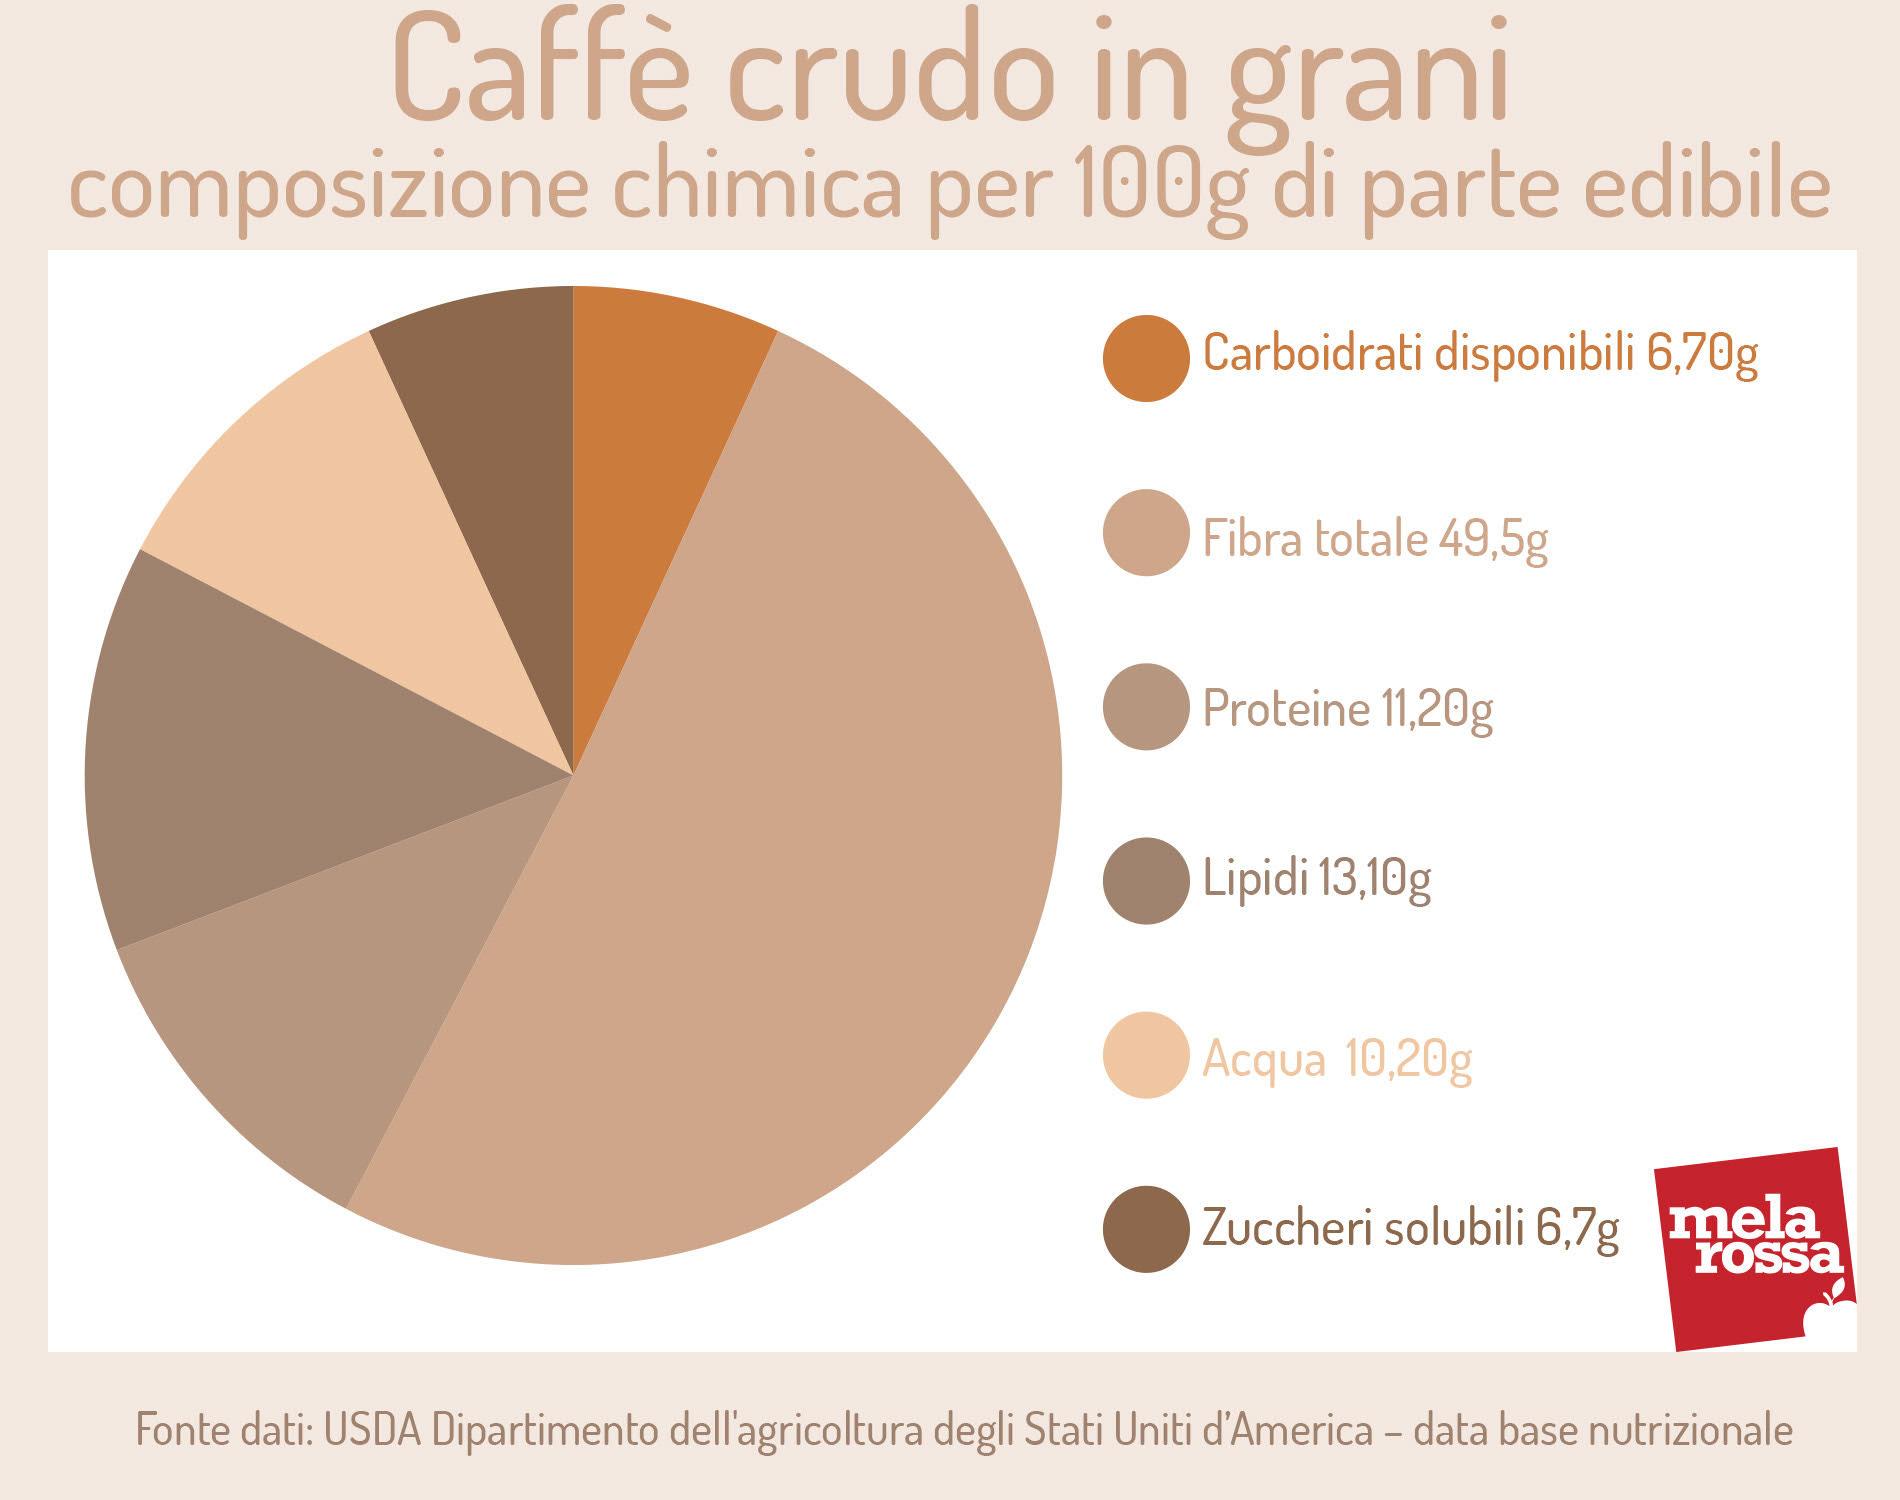 Caffè crudo in grani: composizione chimica